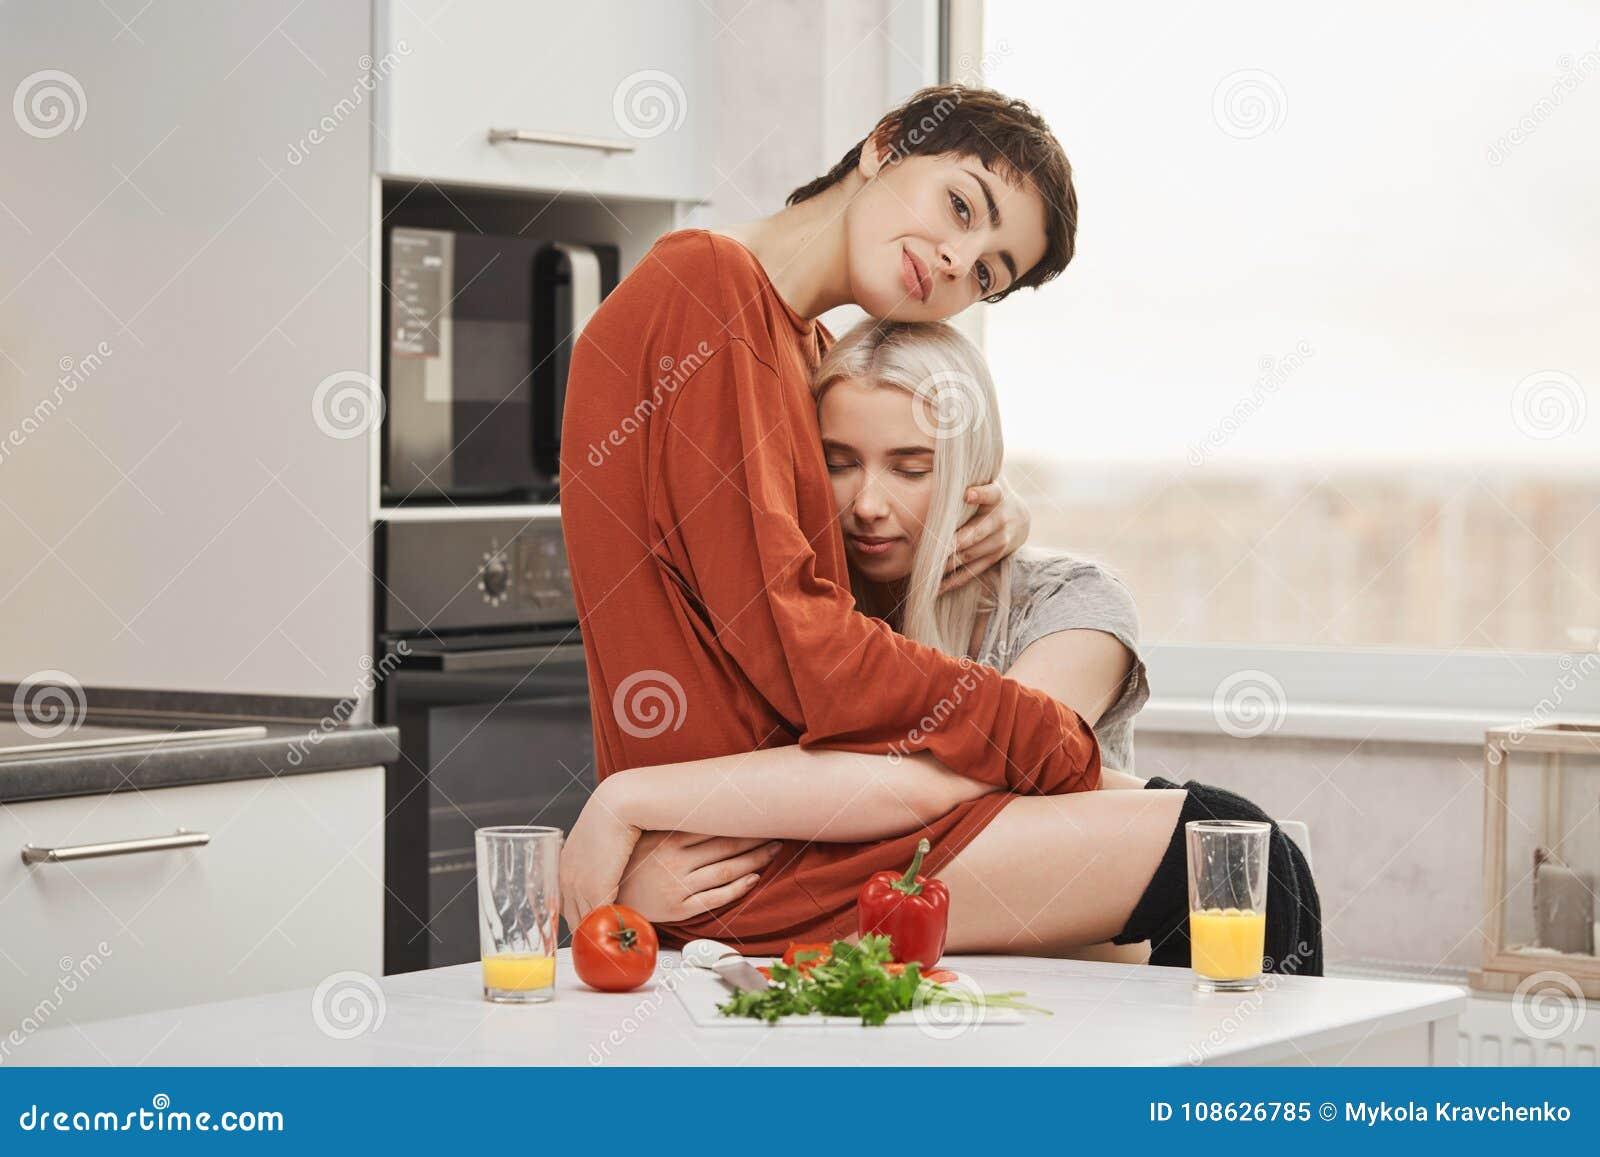 在爱的肉欲和嫩年轻女同性恋的夫妇,拥抱在厨房里,当吃早餐妇女时为每天是愉快的